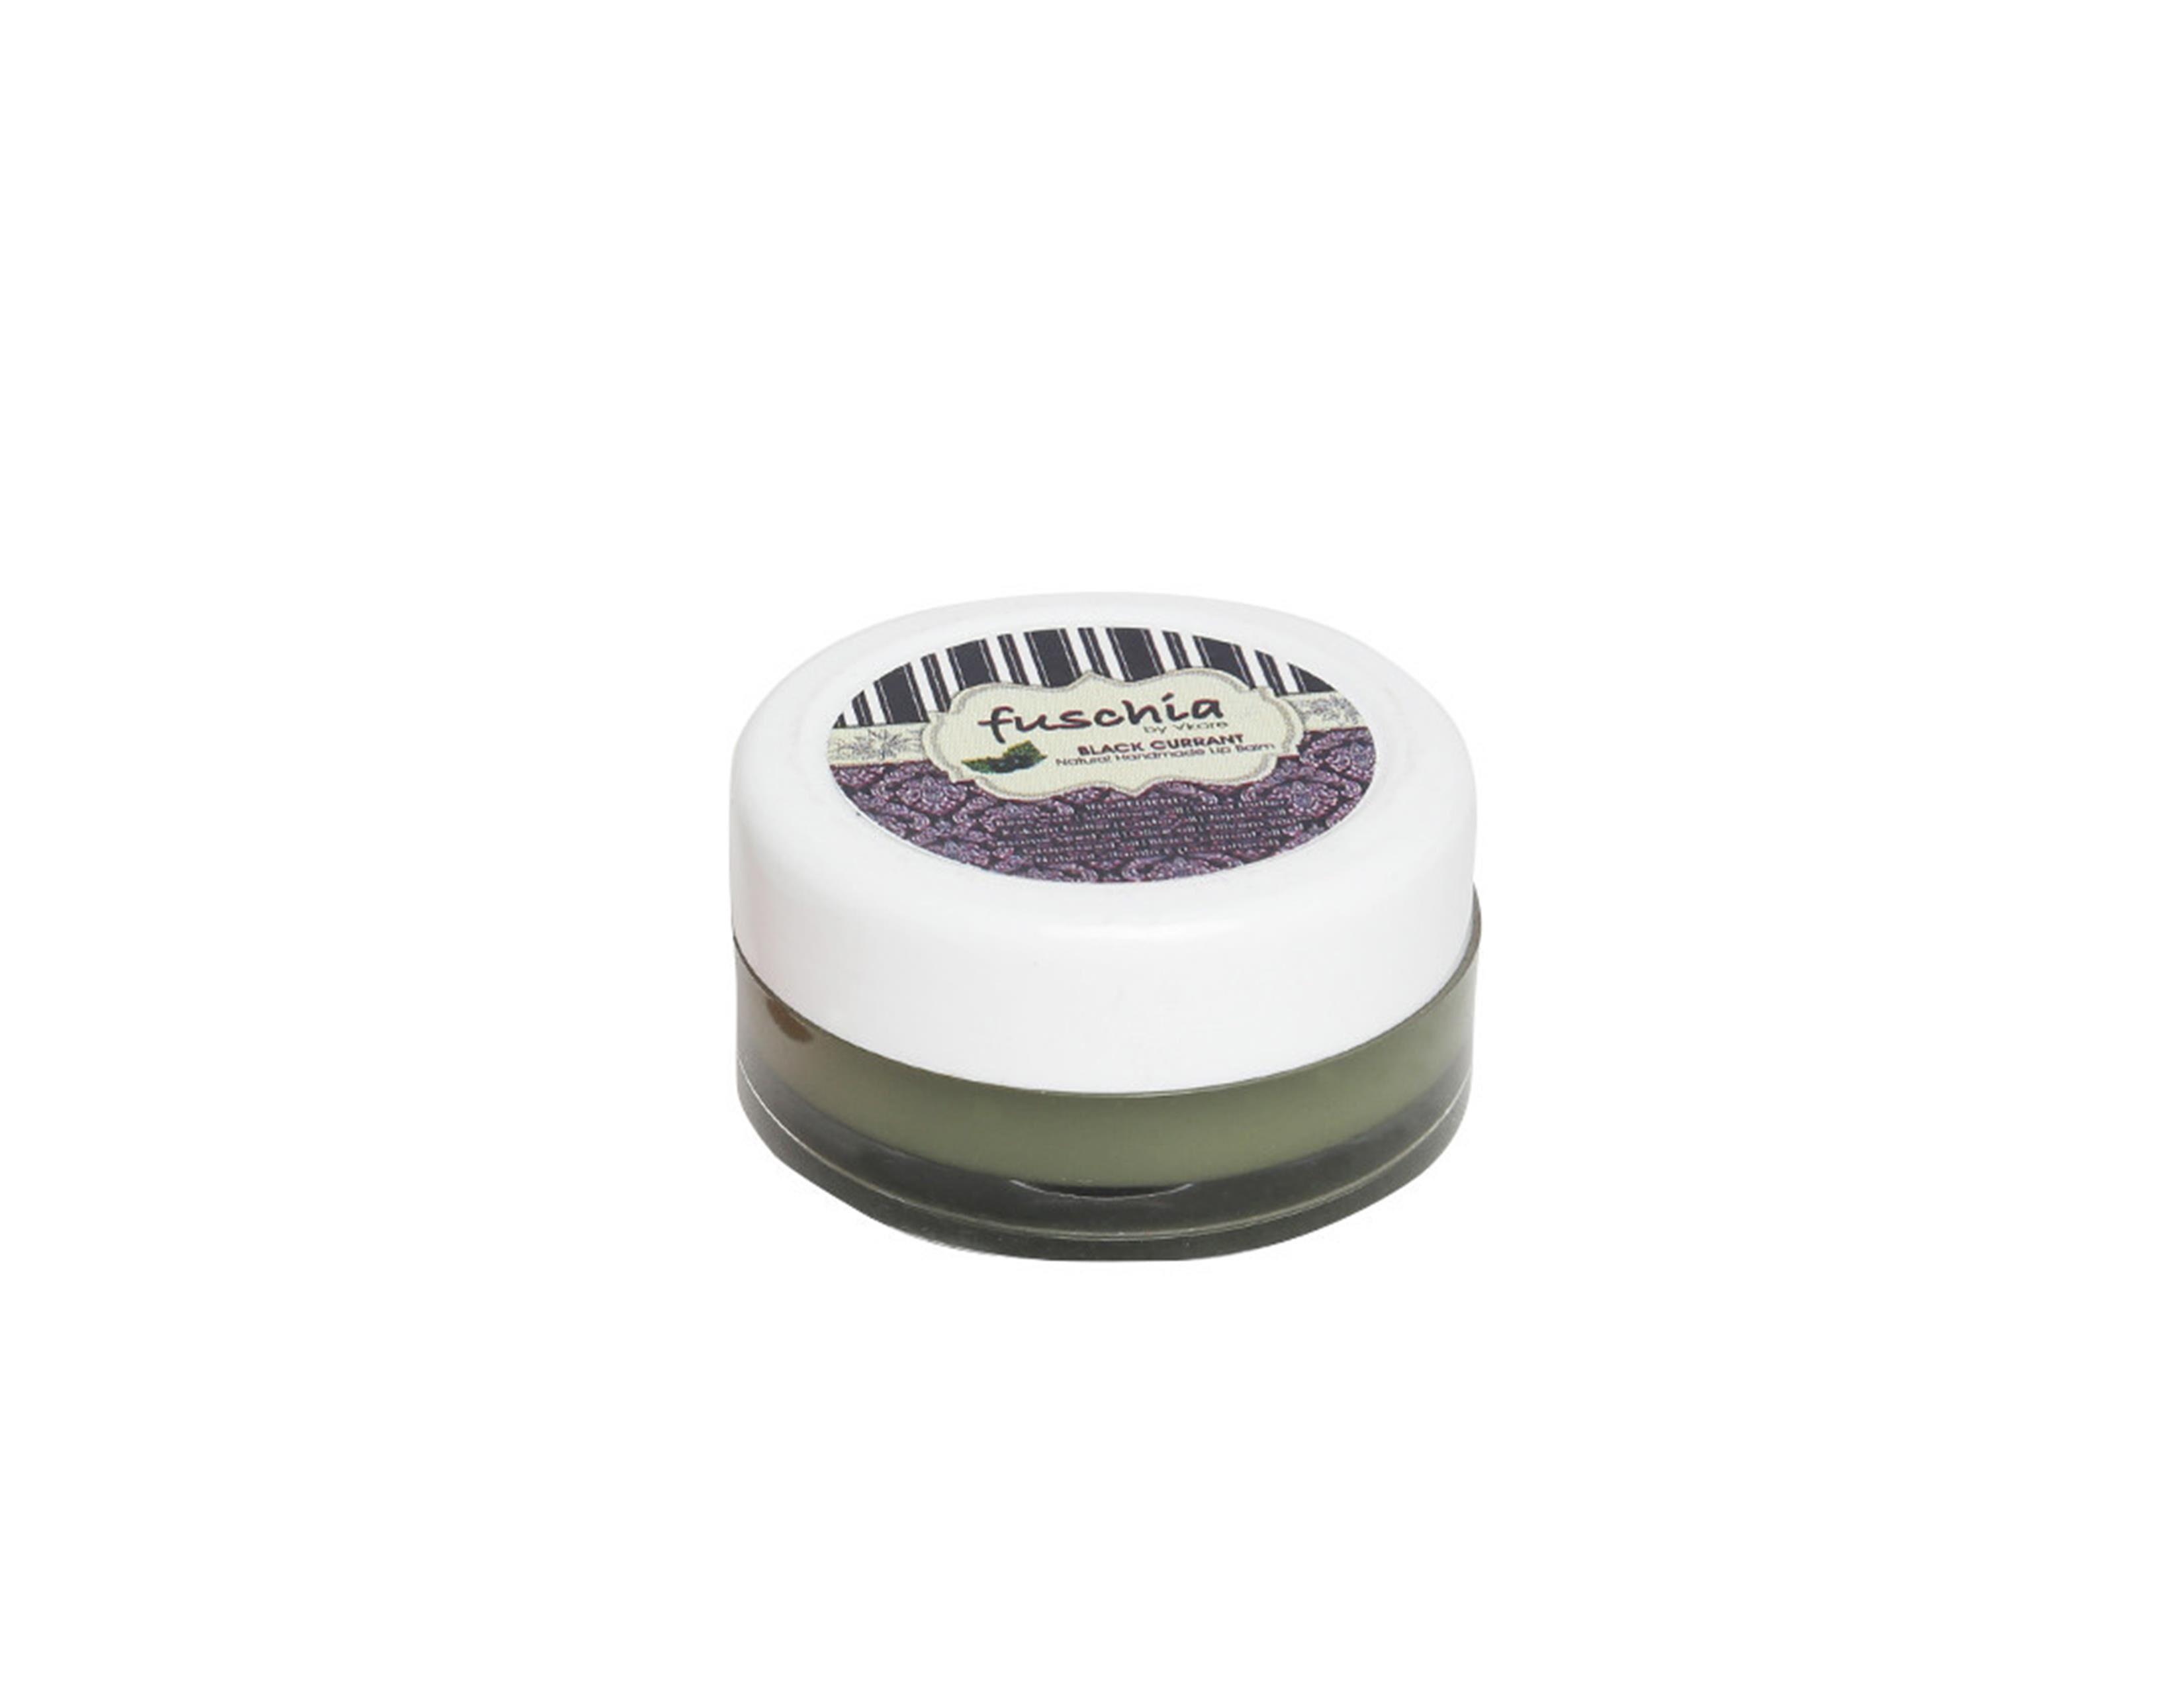 Fuschia – Black Currant Lip Balm 8gm